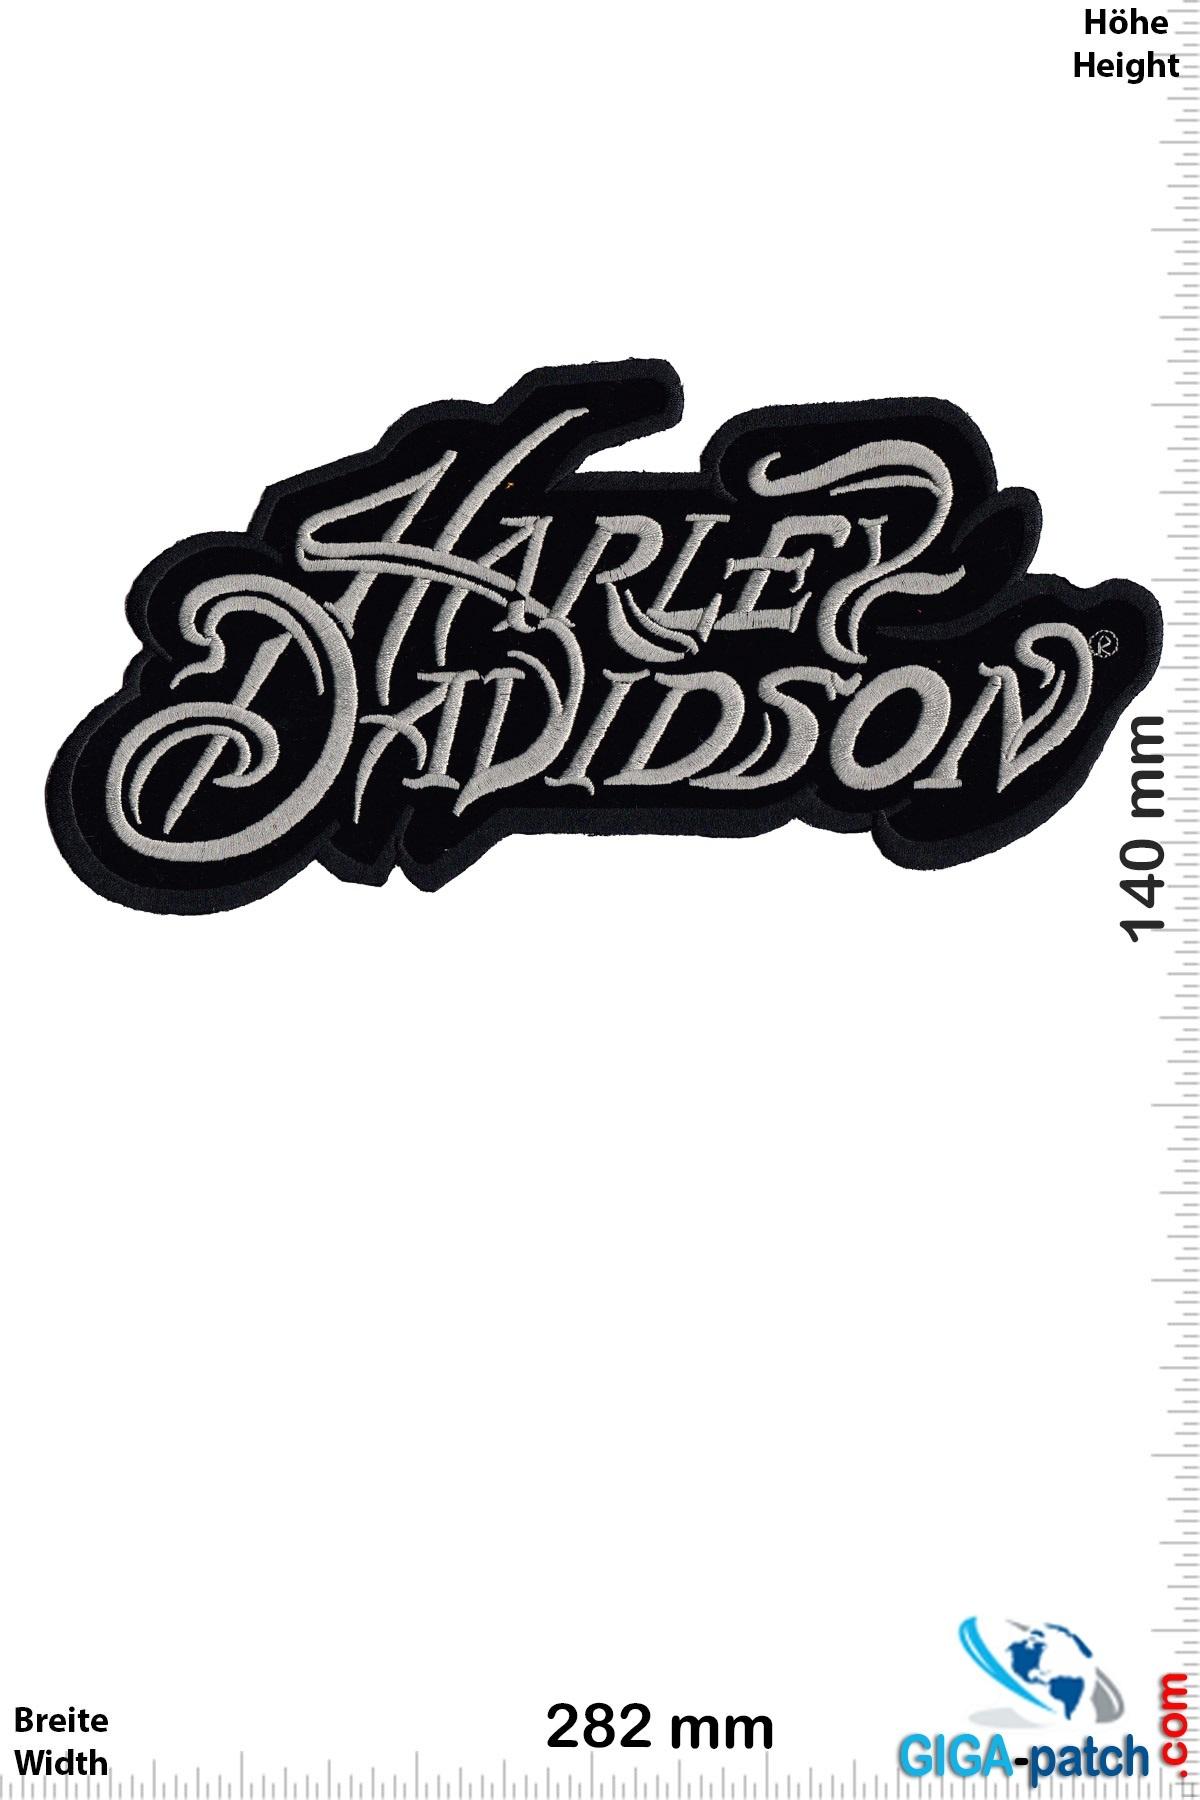 Harley Davidson Harley Davidson - Font  - 28 cm -BIG